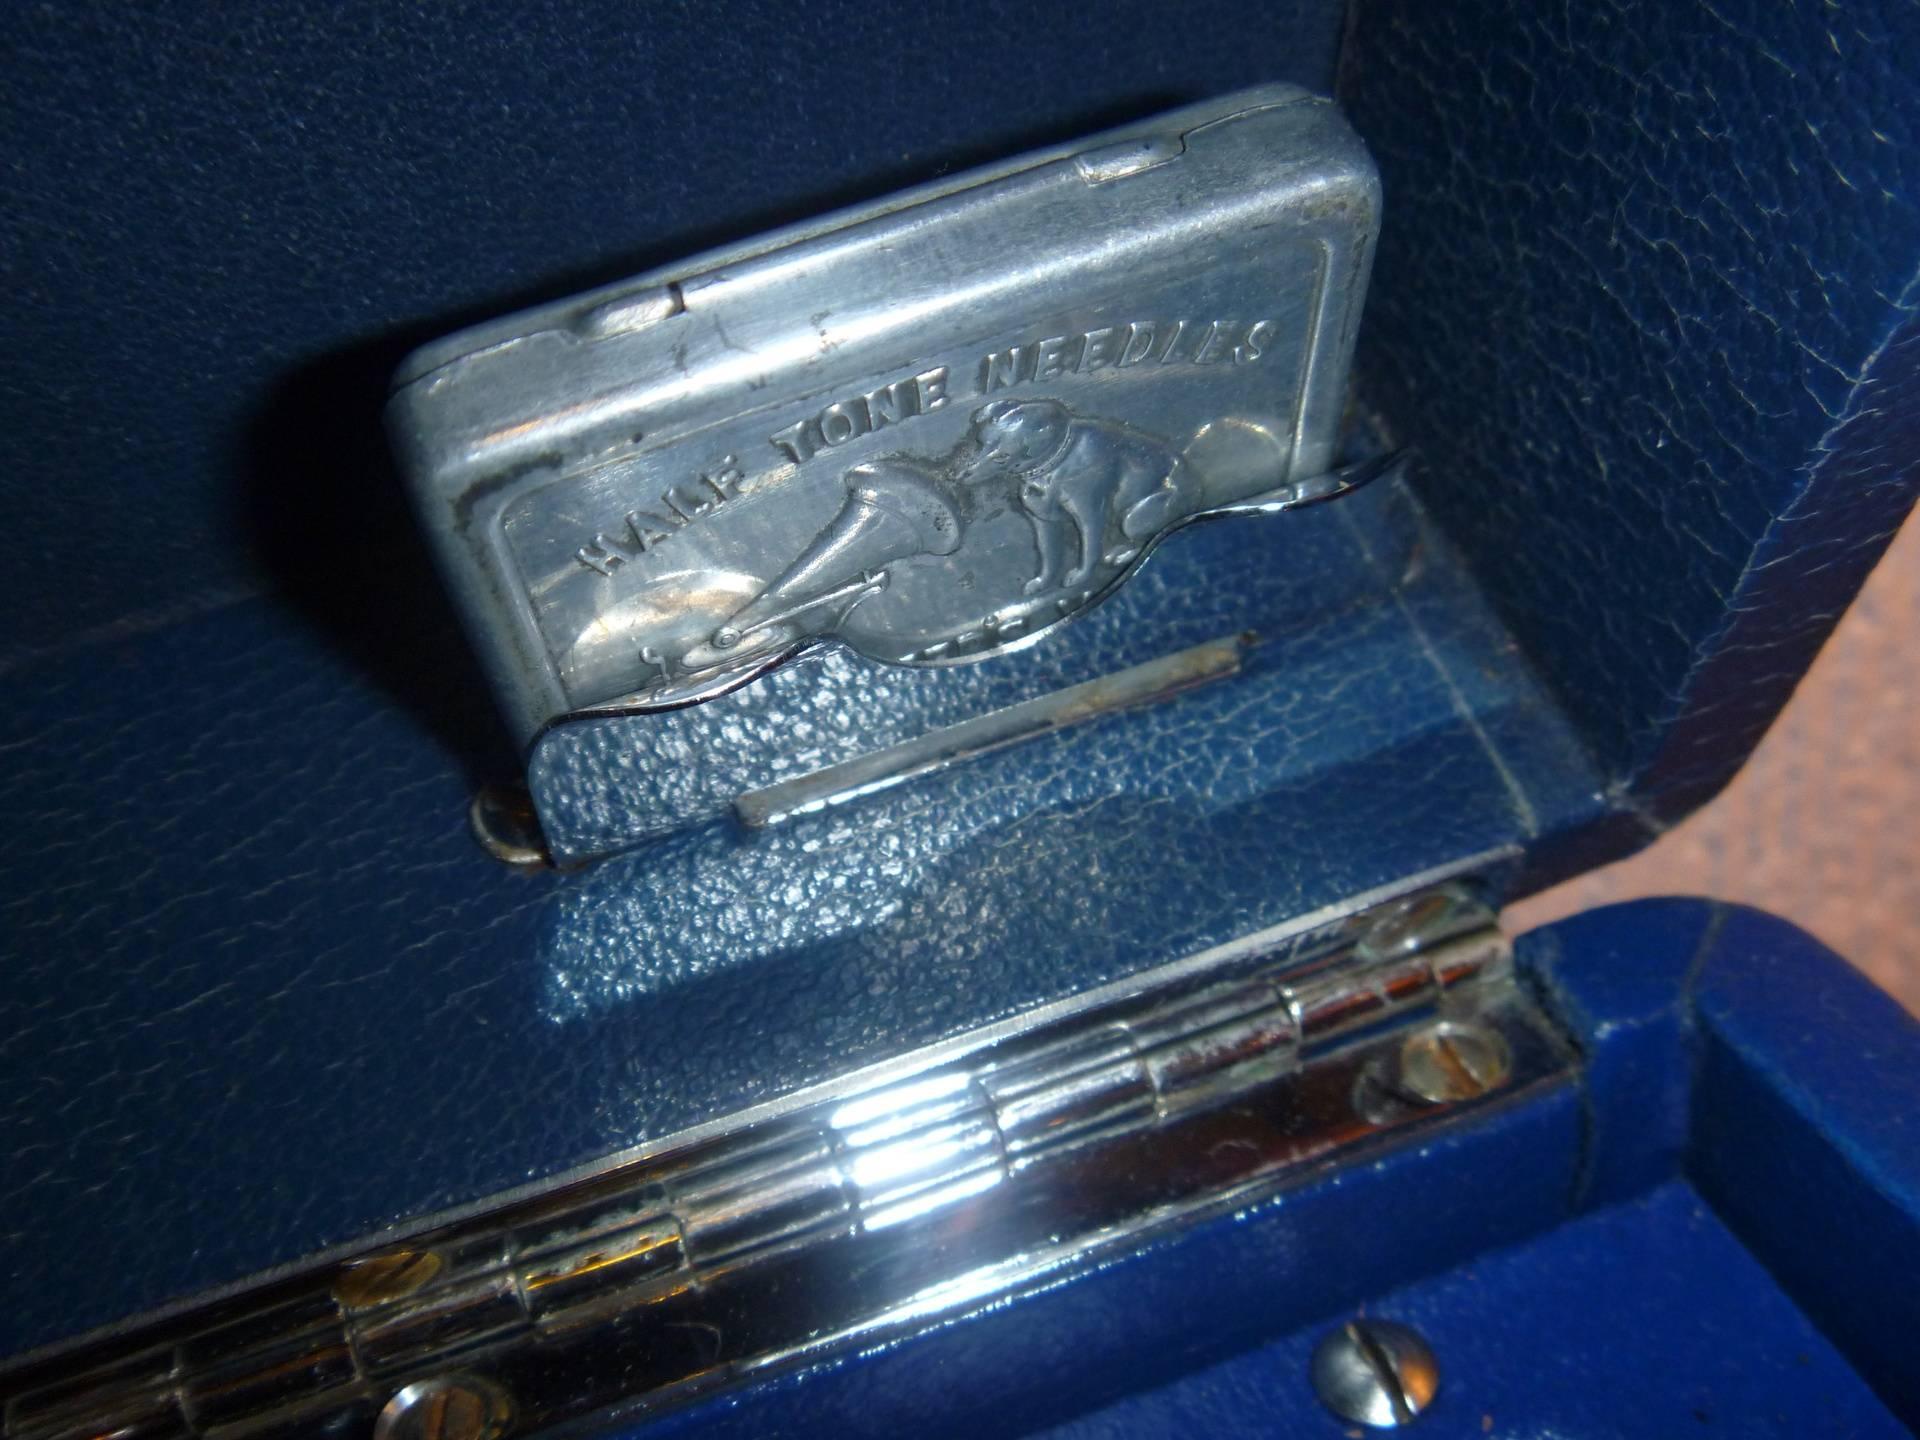 HMV Model 102 13